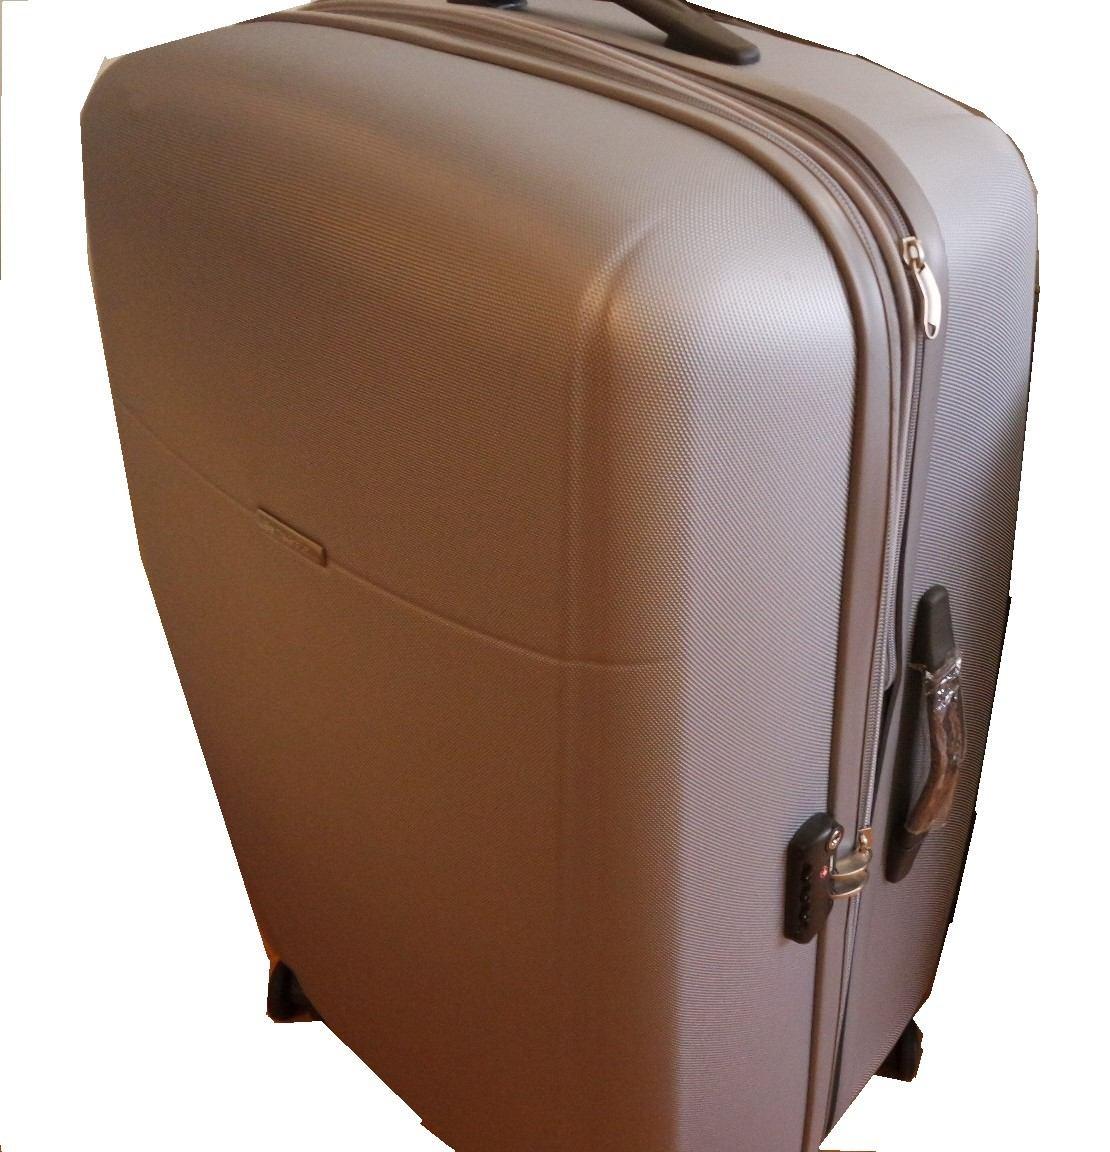 90a487eaf maleta samsonite hyperflex 29 pulg policarbonato como nueva. Cargando zoom.